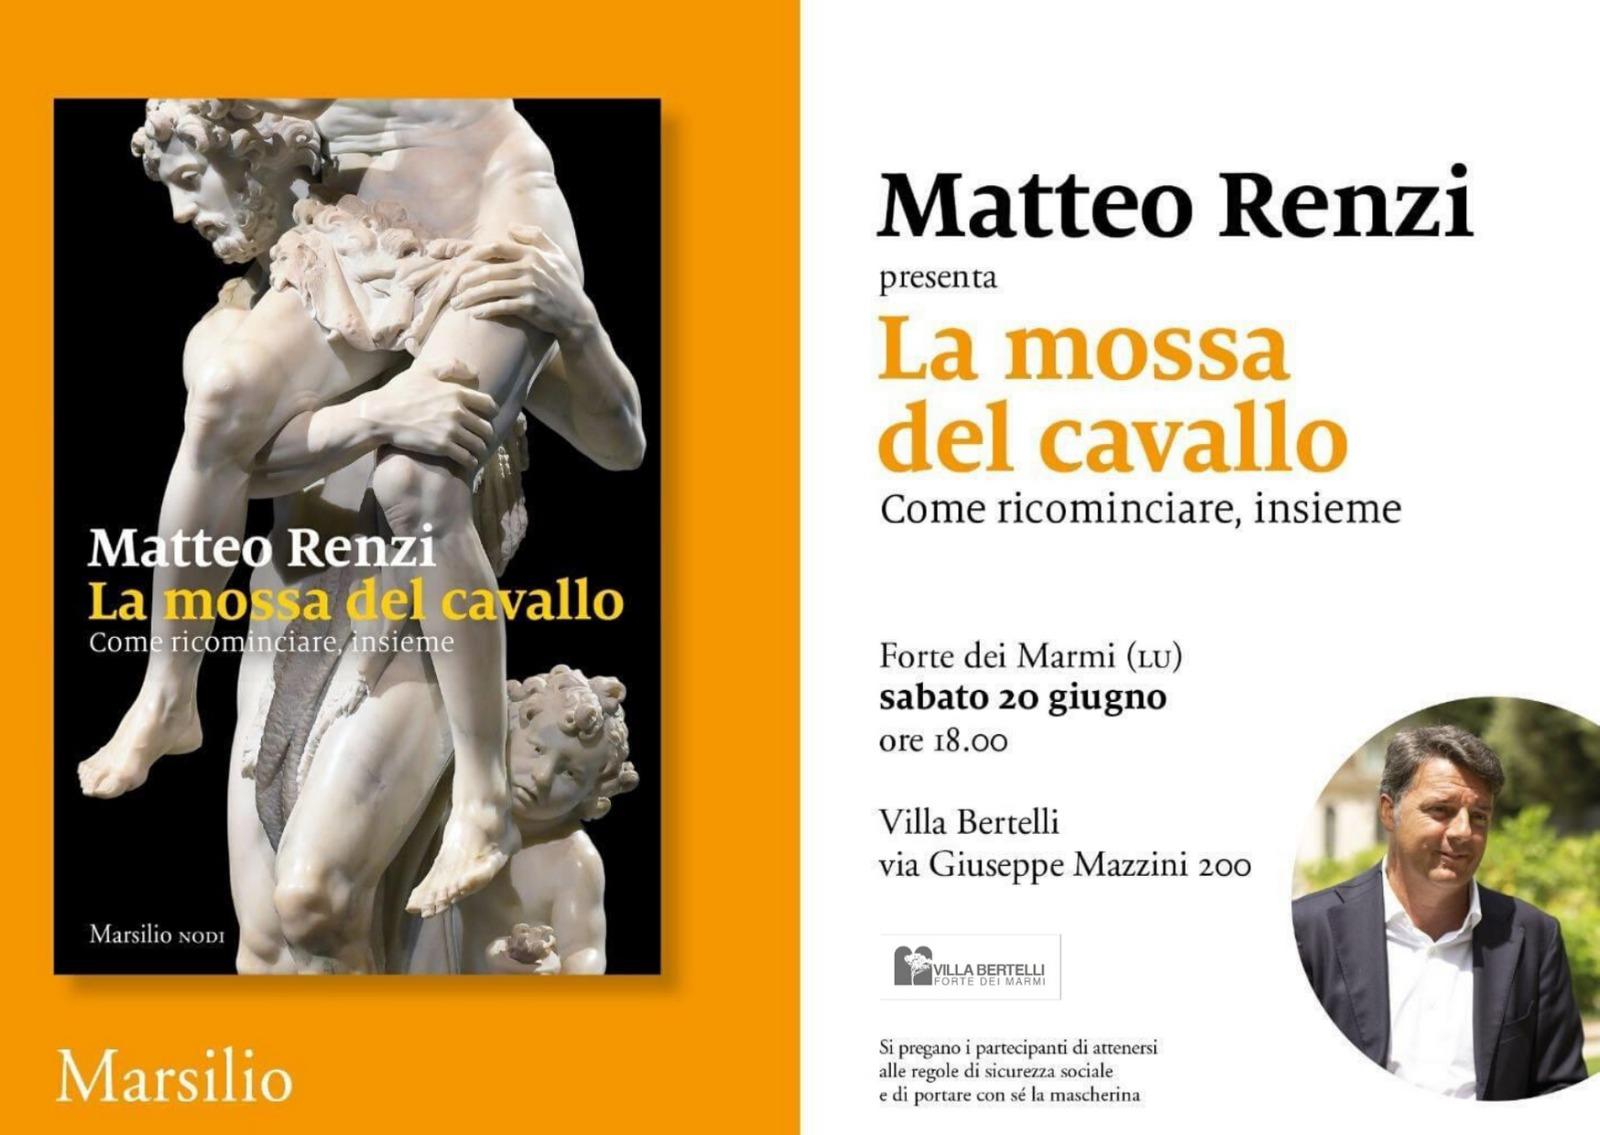 Matteo Renzi | La mossa del cavallo - Forte dei Marmi